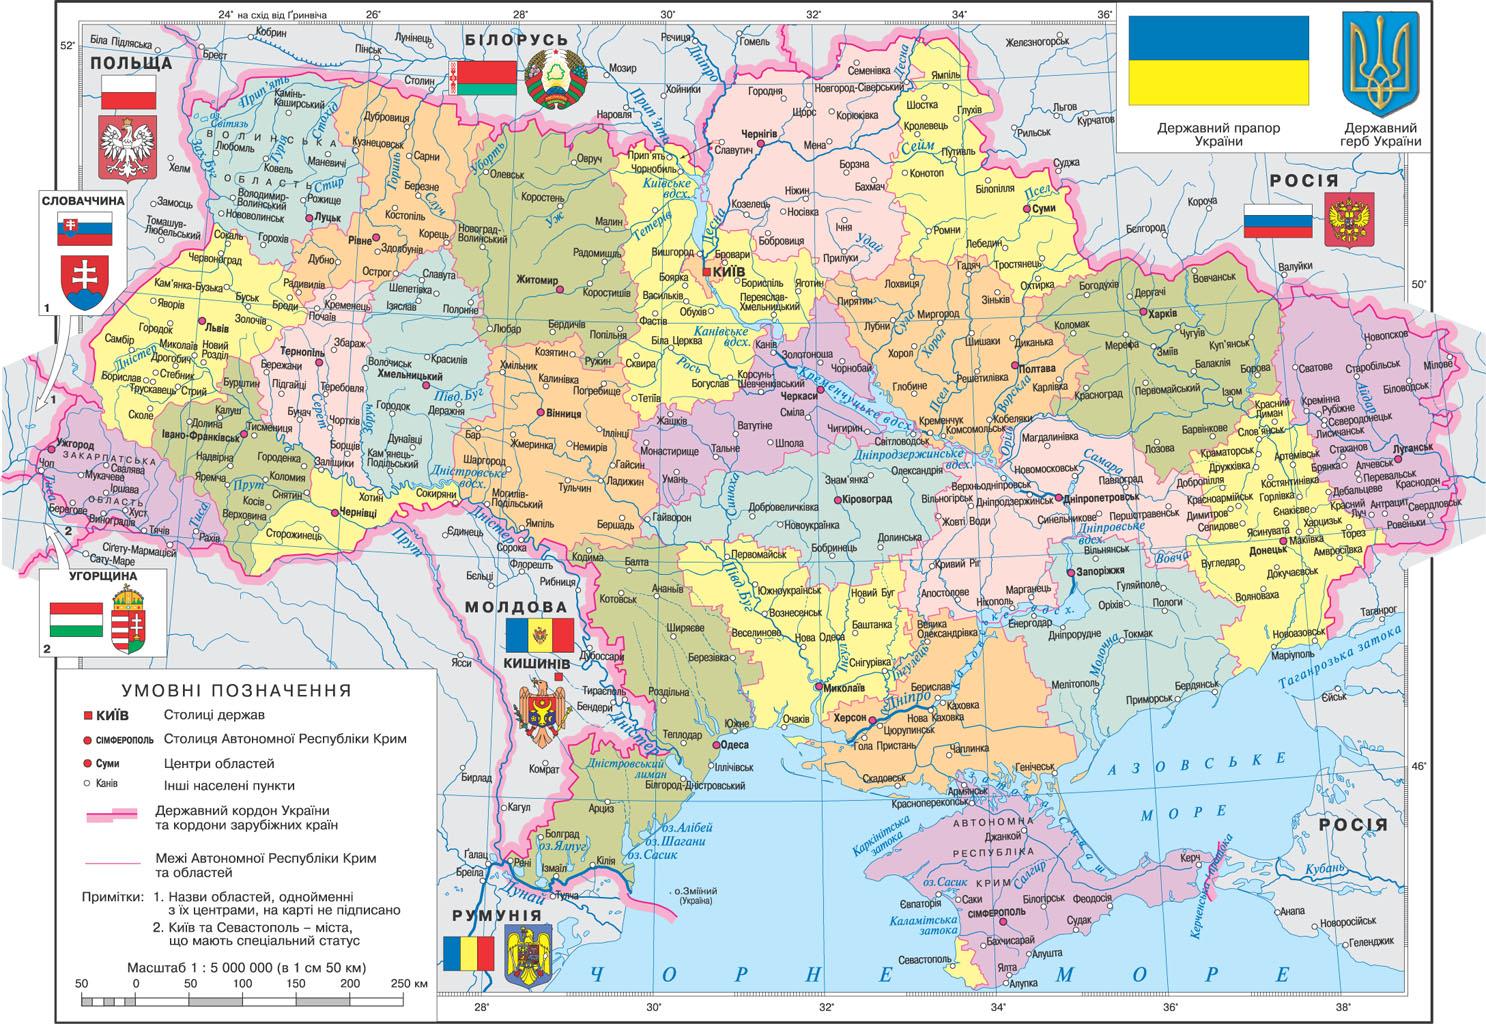 Mapa Ukrainy Szczegolowa Mapa Ukrainy Z Regionami I Miastami W